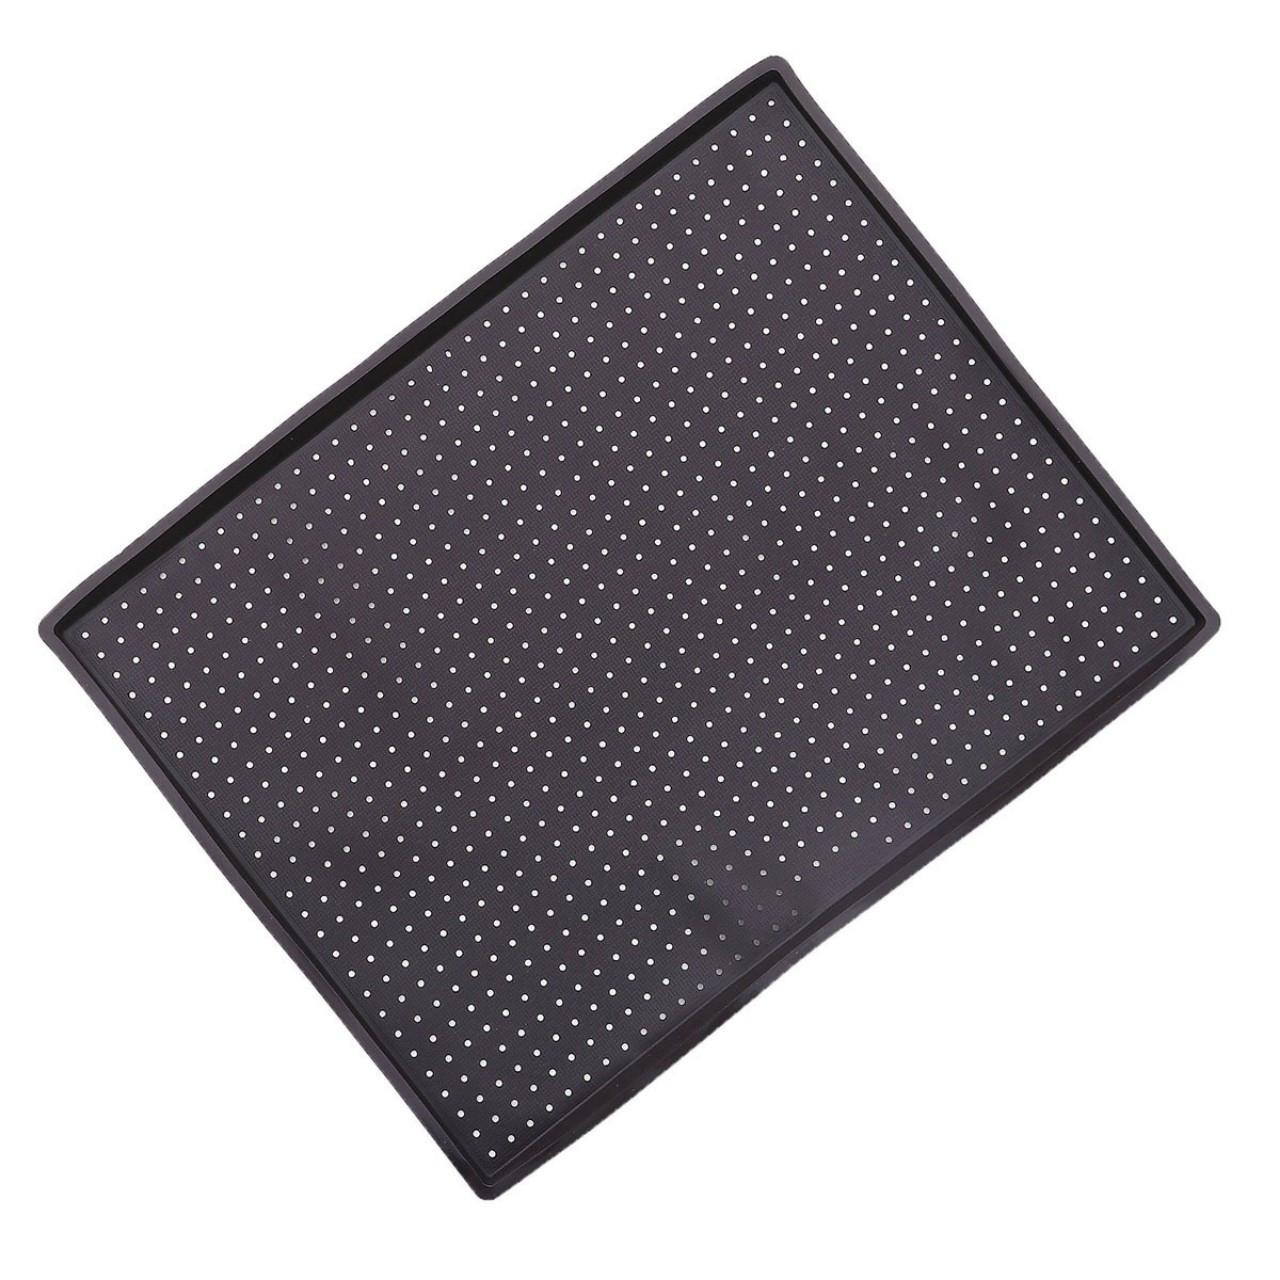 Силиконовый коврик перфорированный 30x40 см (код 06857)